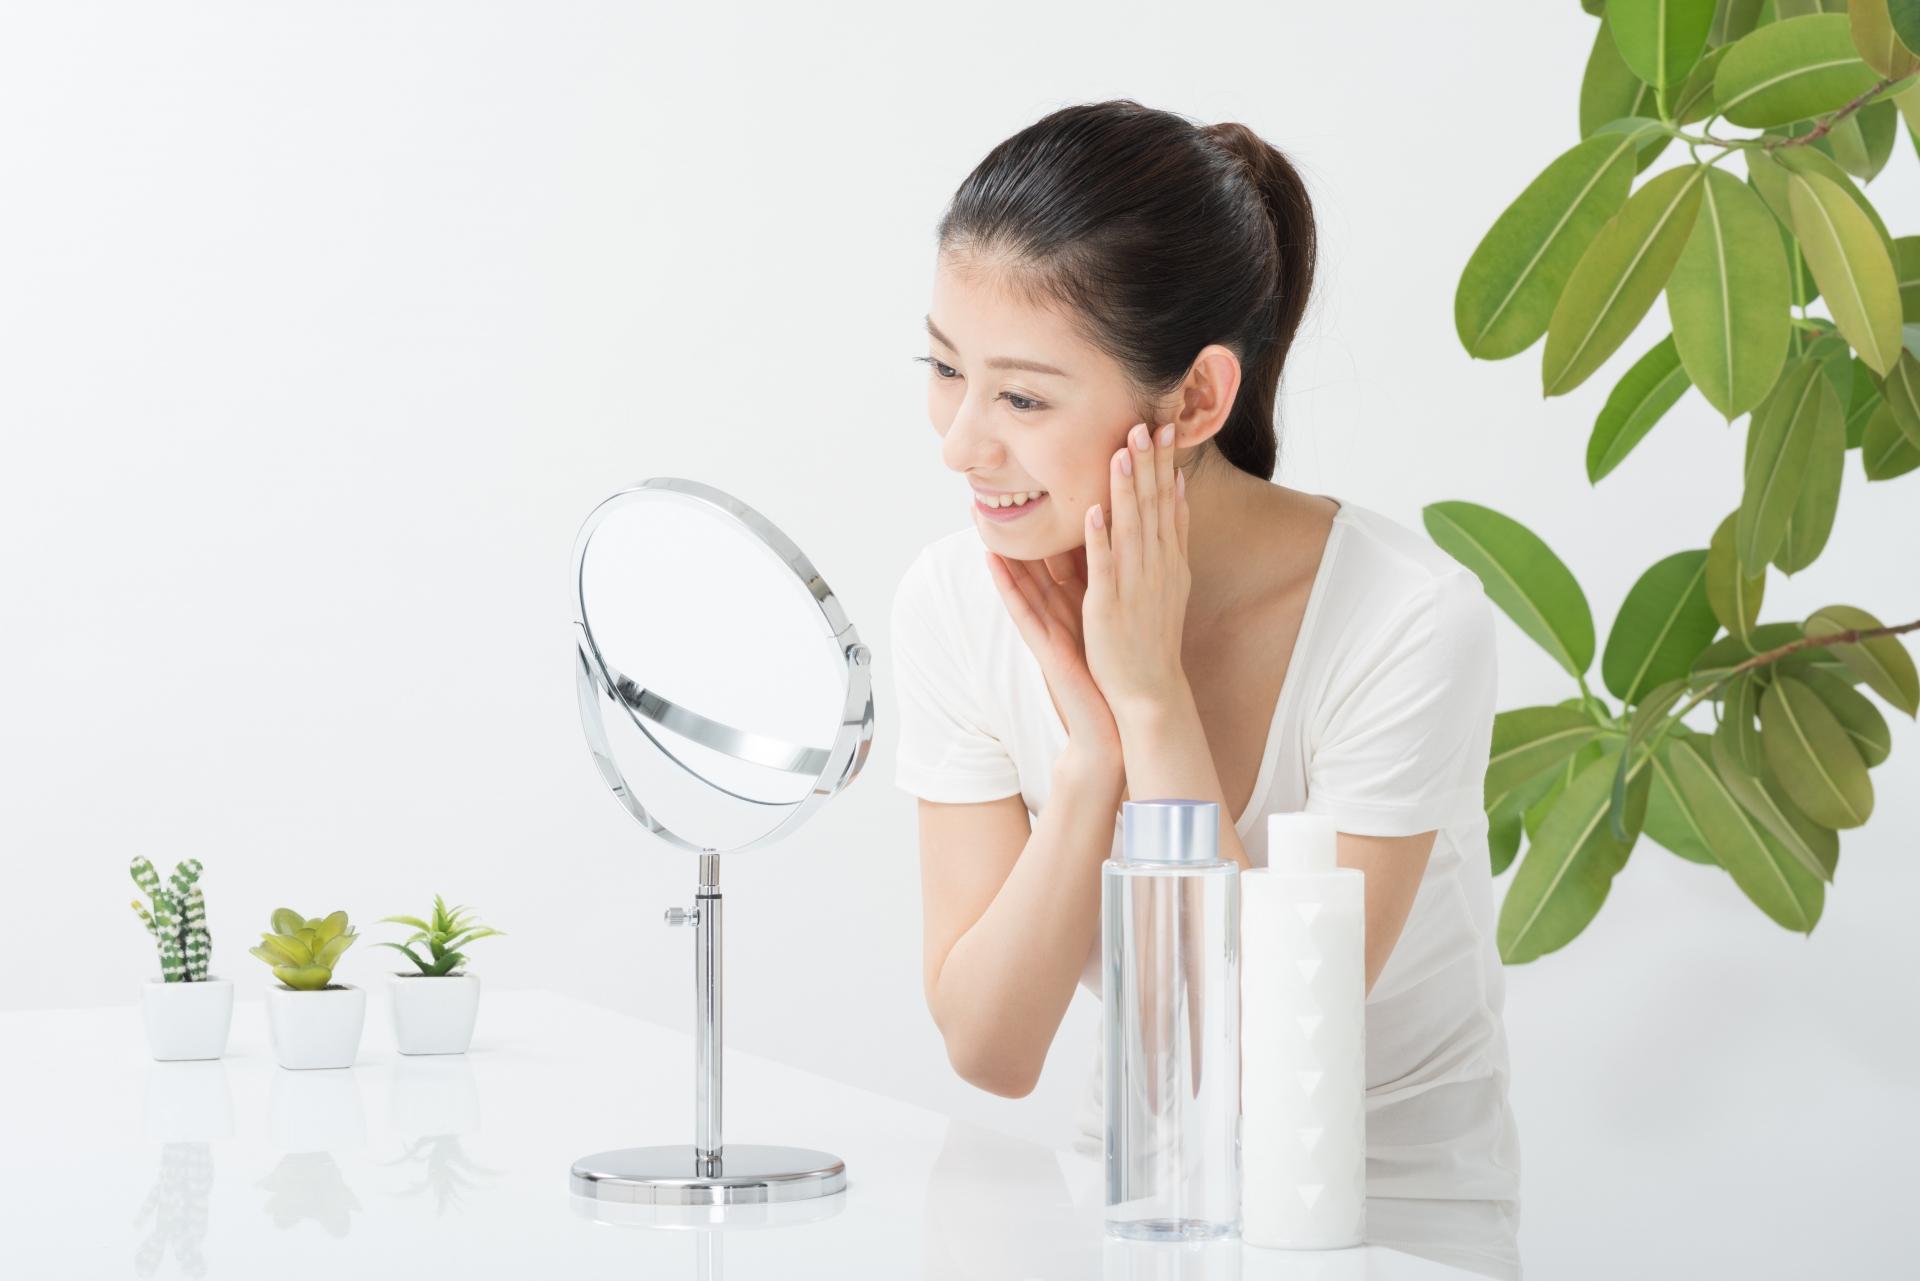 脂性肌におすすめの化粧水の選び方【ドラッグストア編】